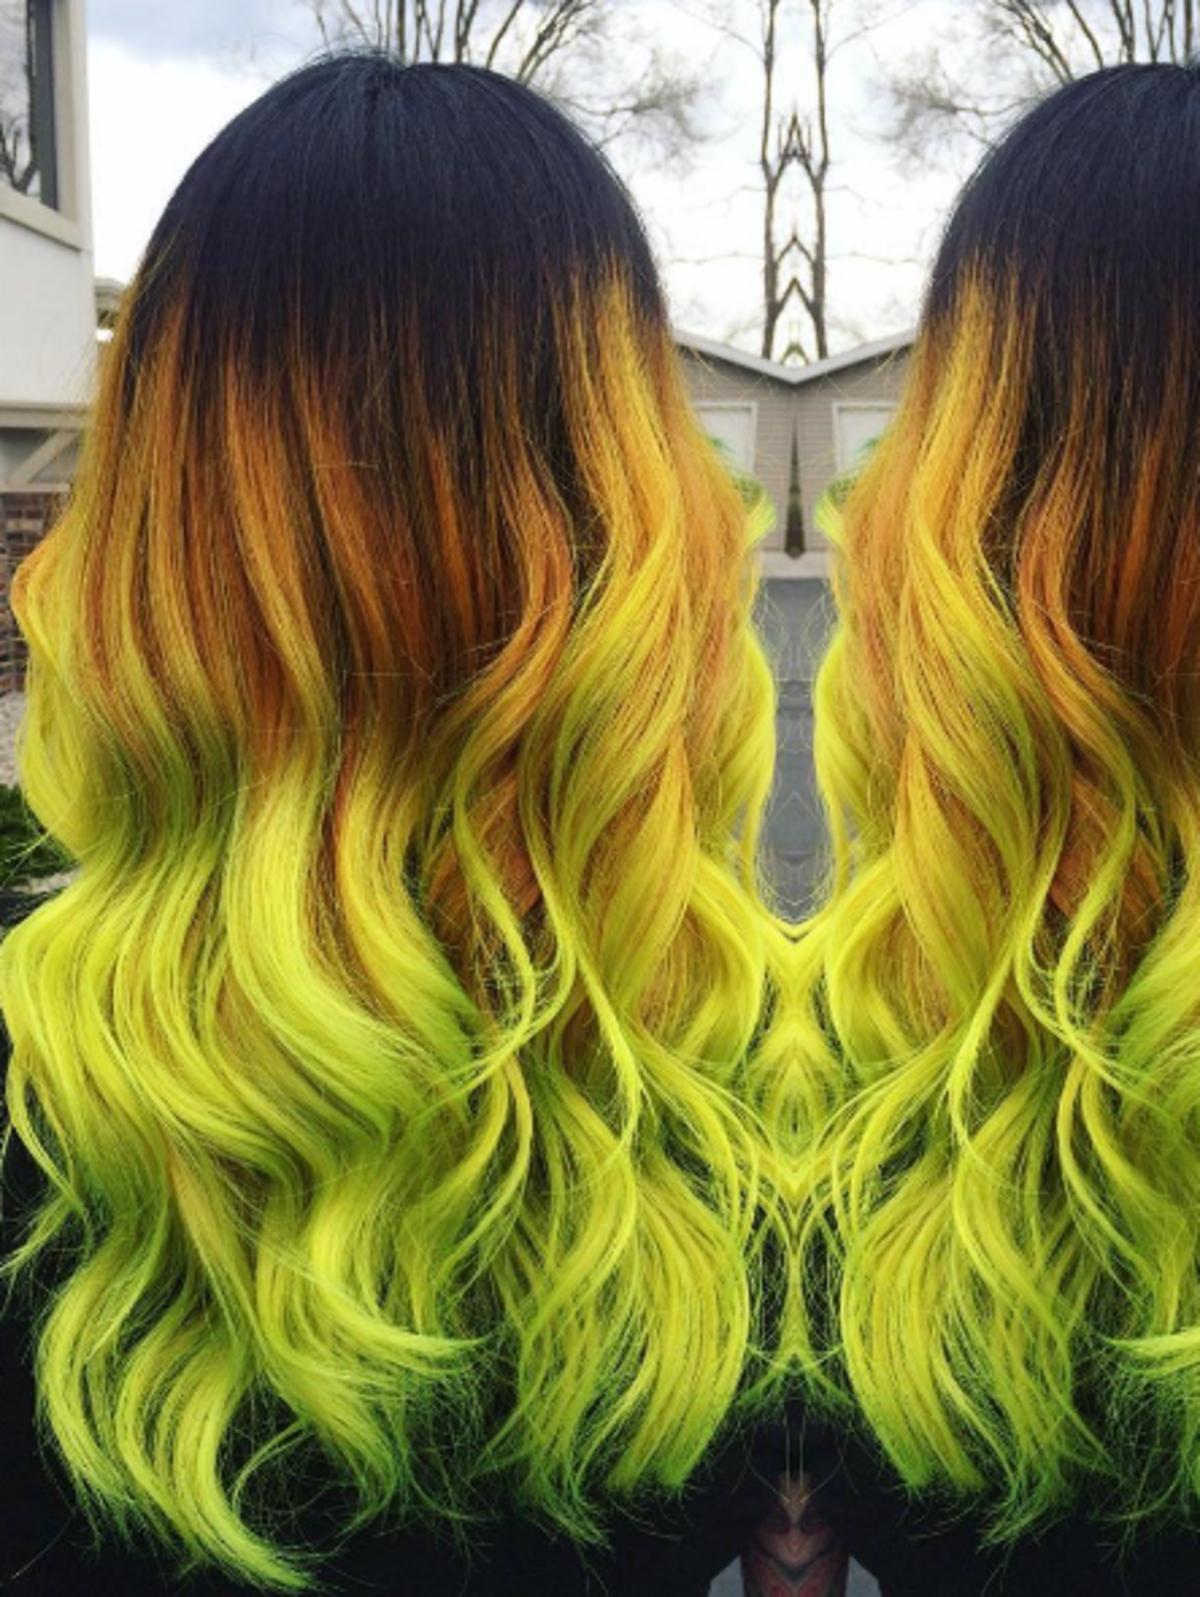 Tangerine hair, czyli sorbetowa koloryzacja włosów